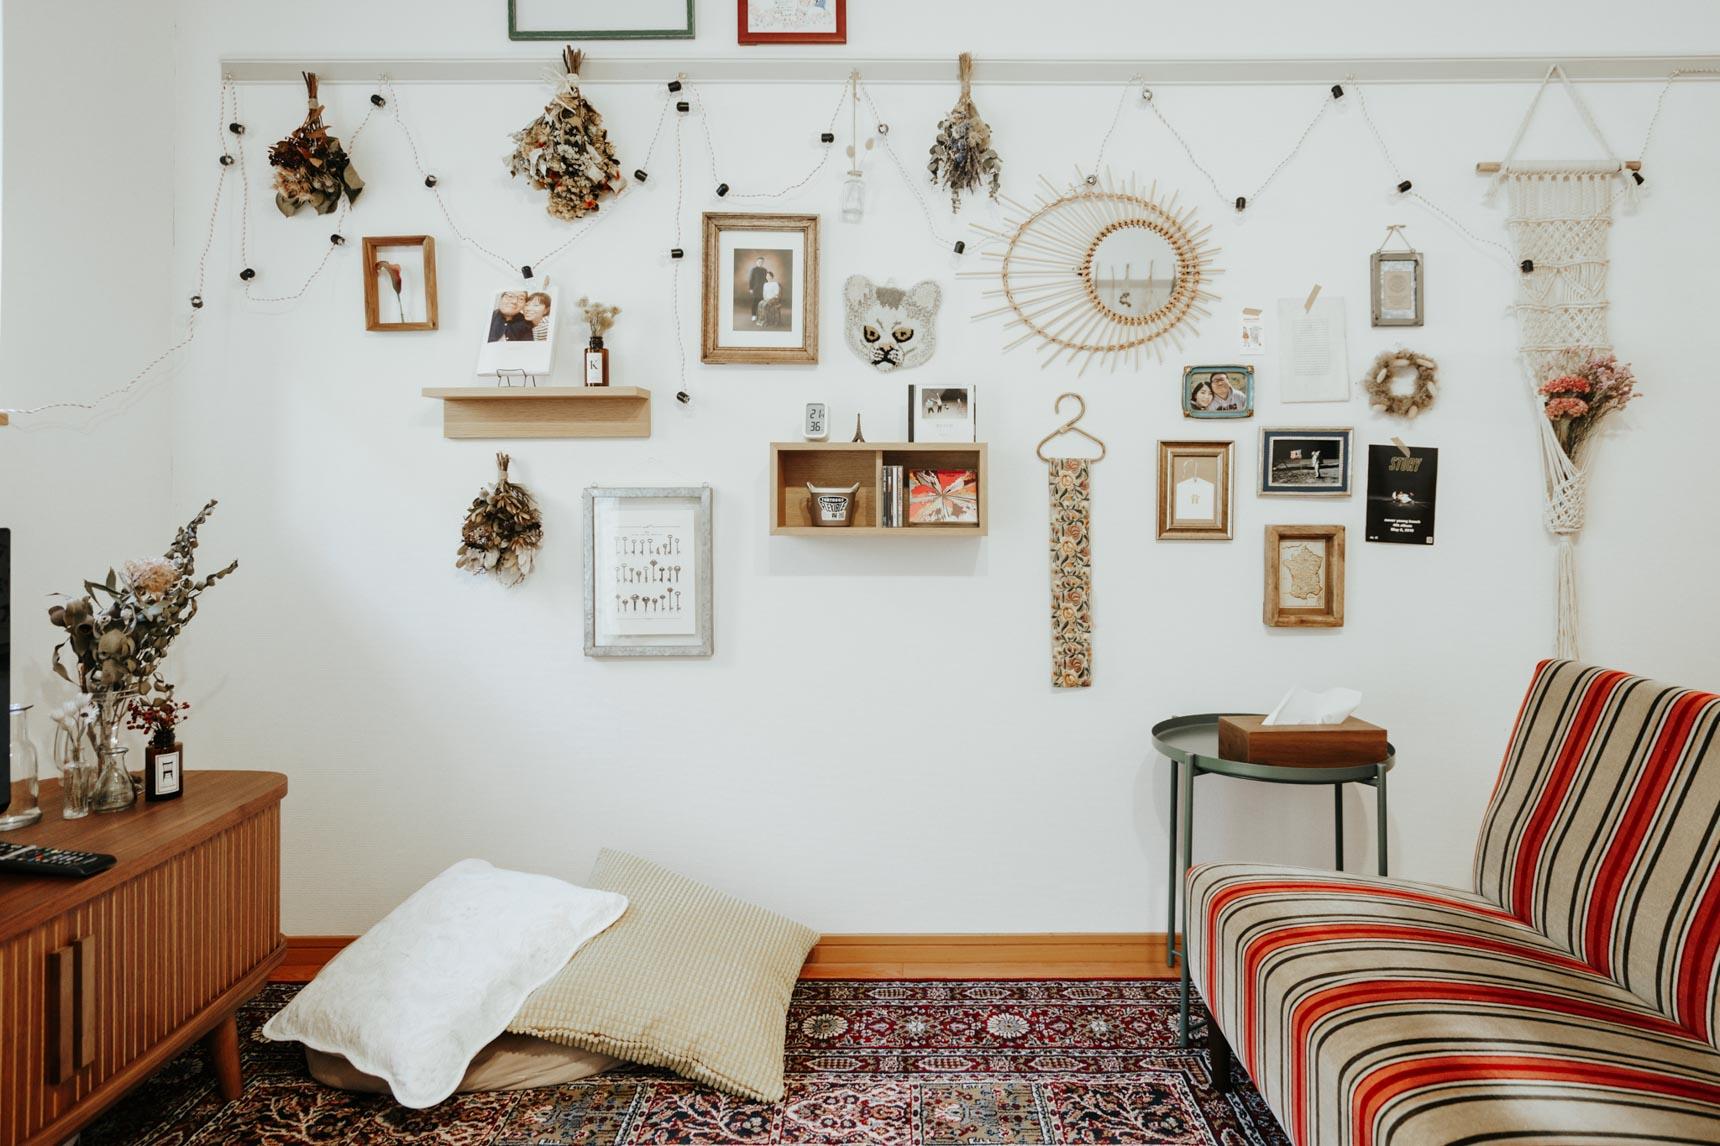 「ダイニングに座ってご飯を食べているときに目に入ってくるように」と飾られている壁。特にルールは設けず、様々な場所で手に入れた、2人の「好きなもの」が集まっているそう。